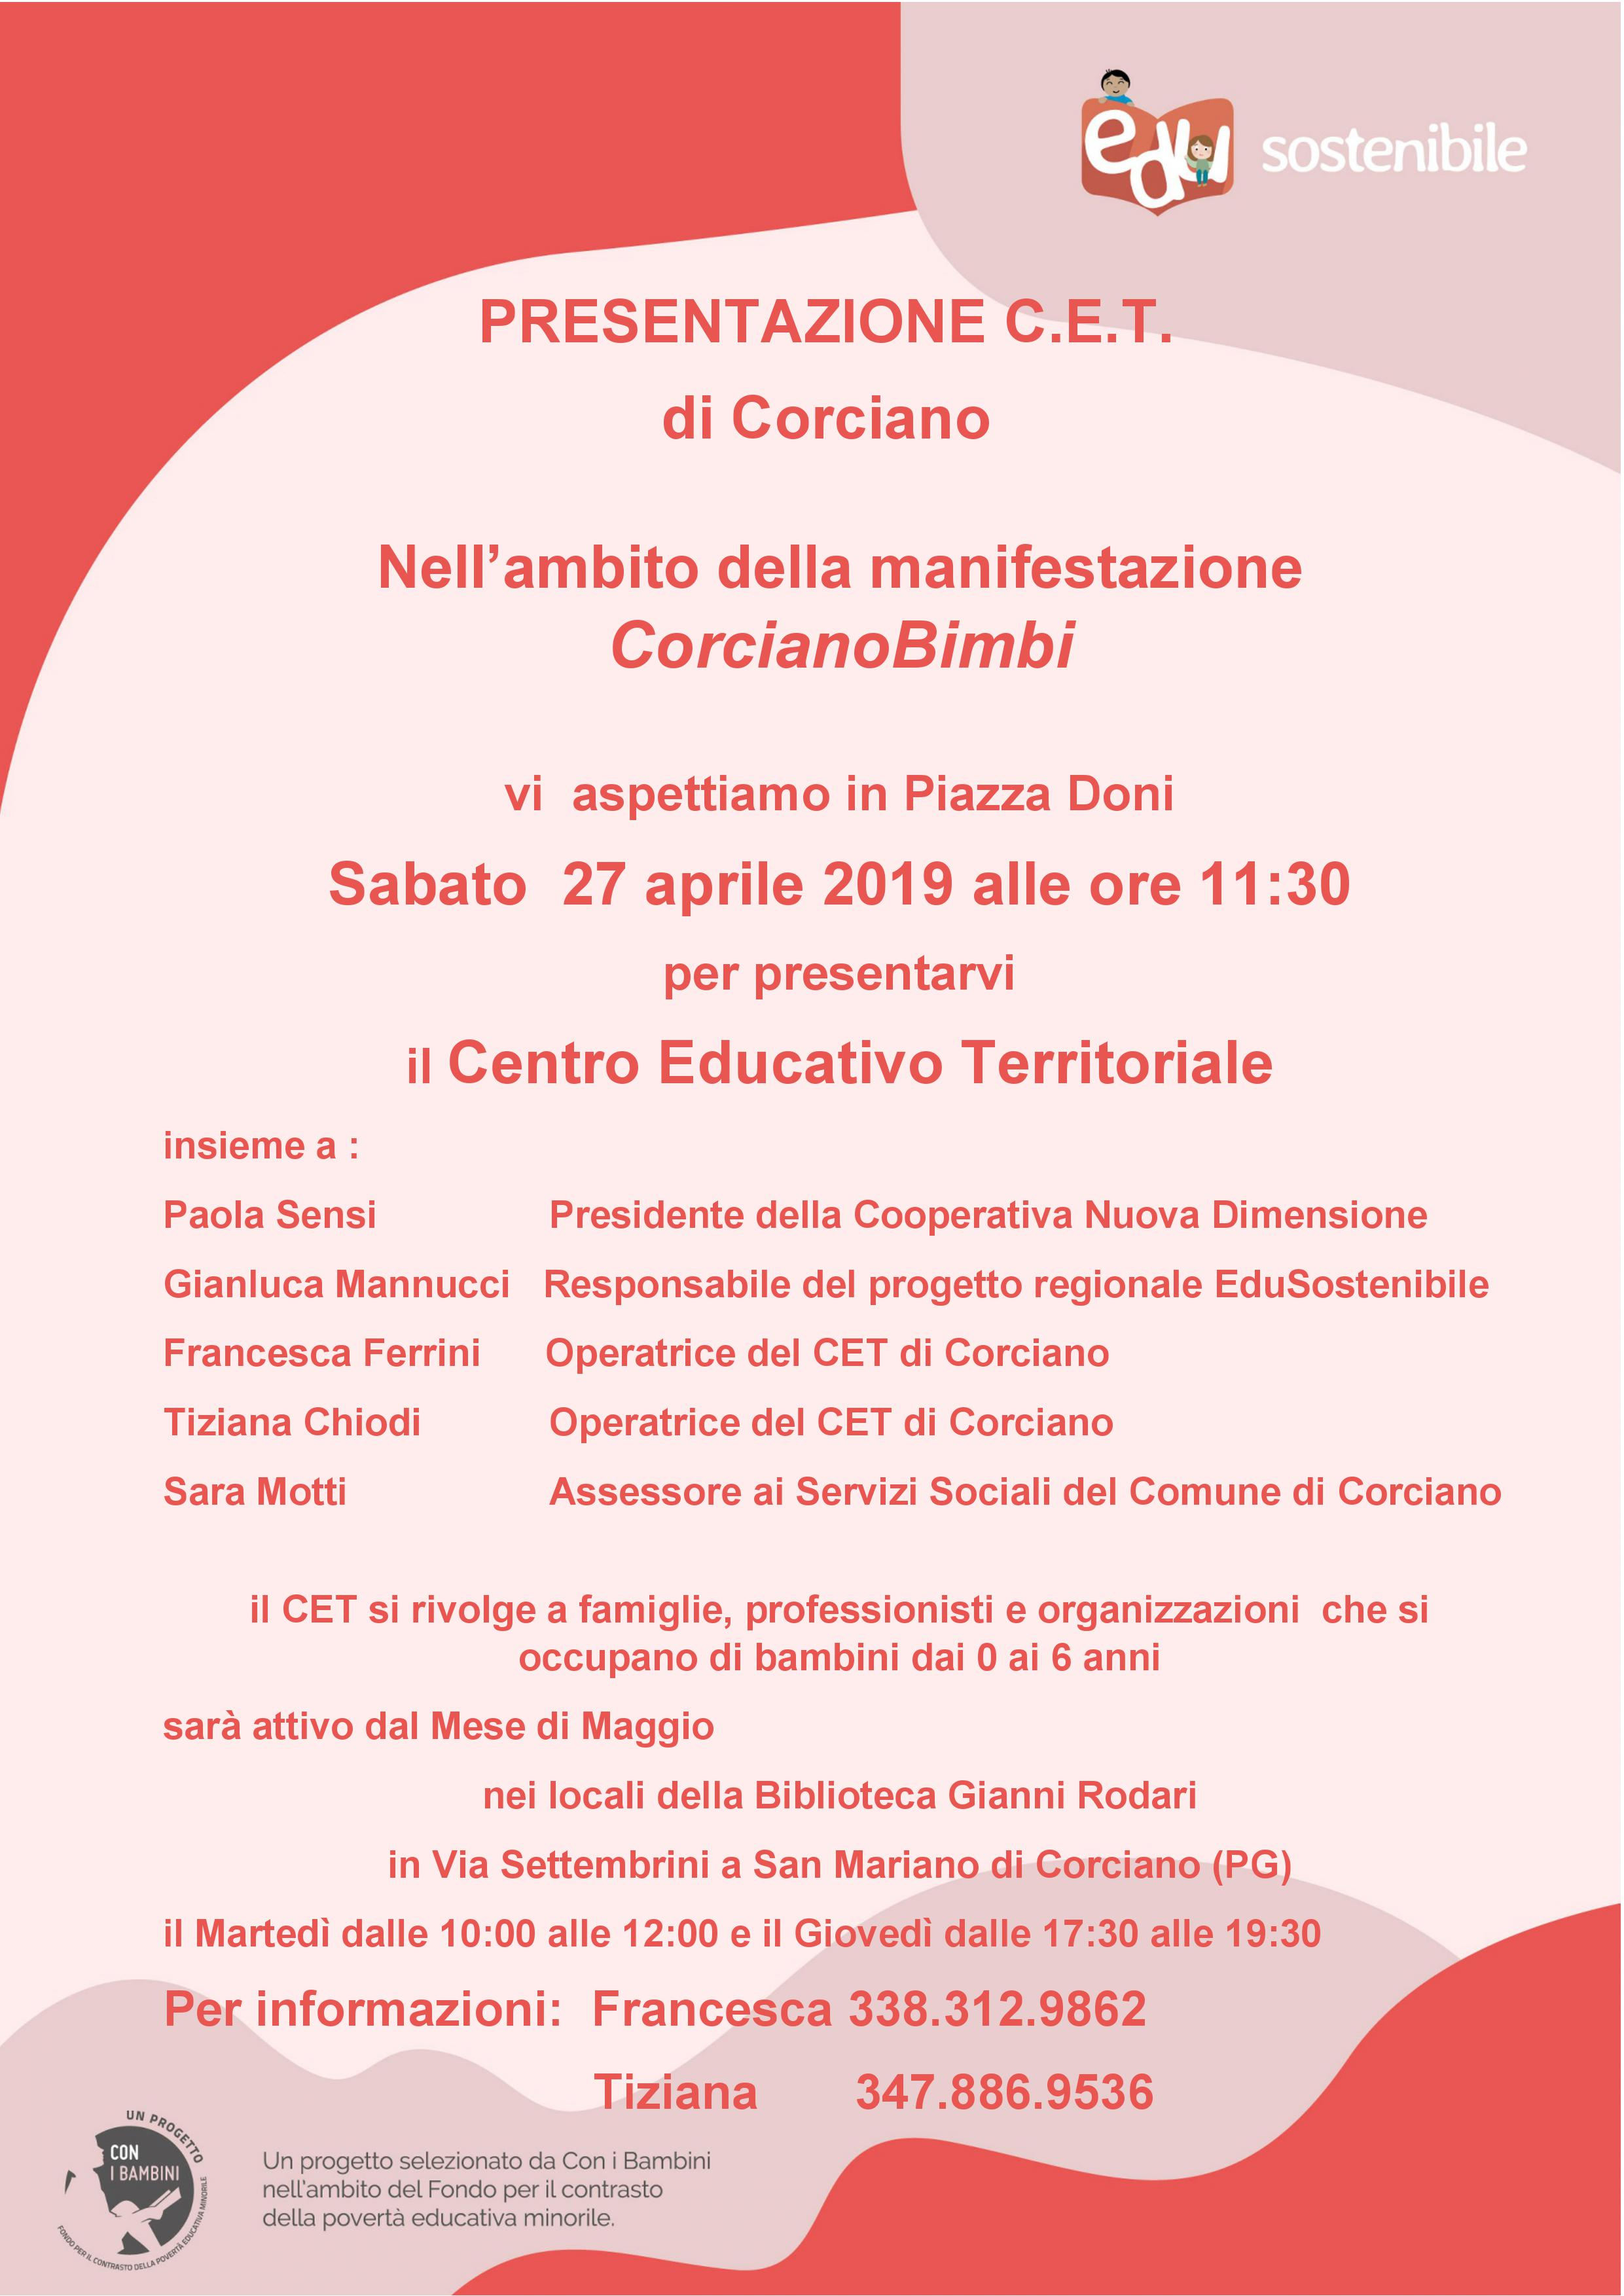 27 aprile – Presentazione CET Centro Educativo Territoriale a Corciano